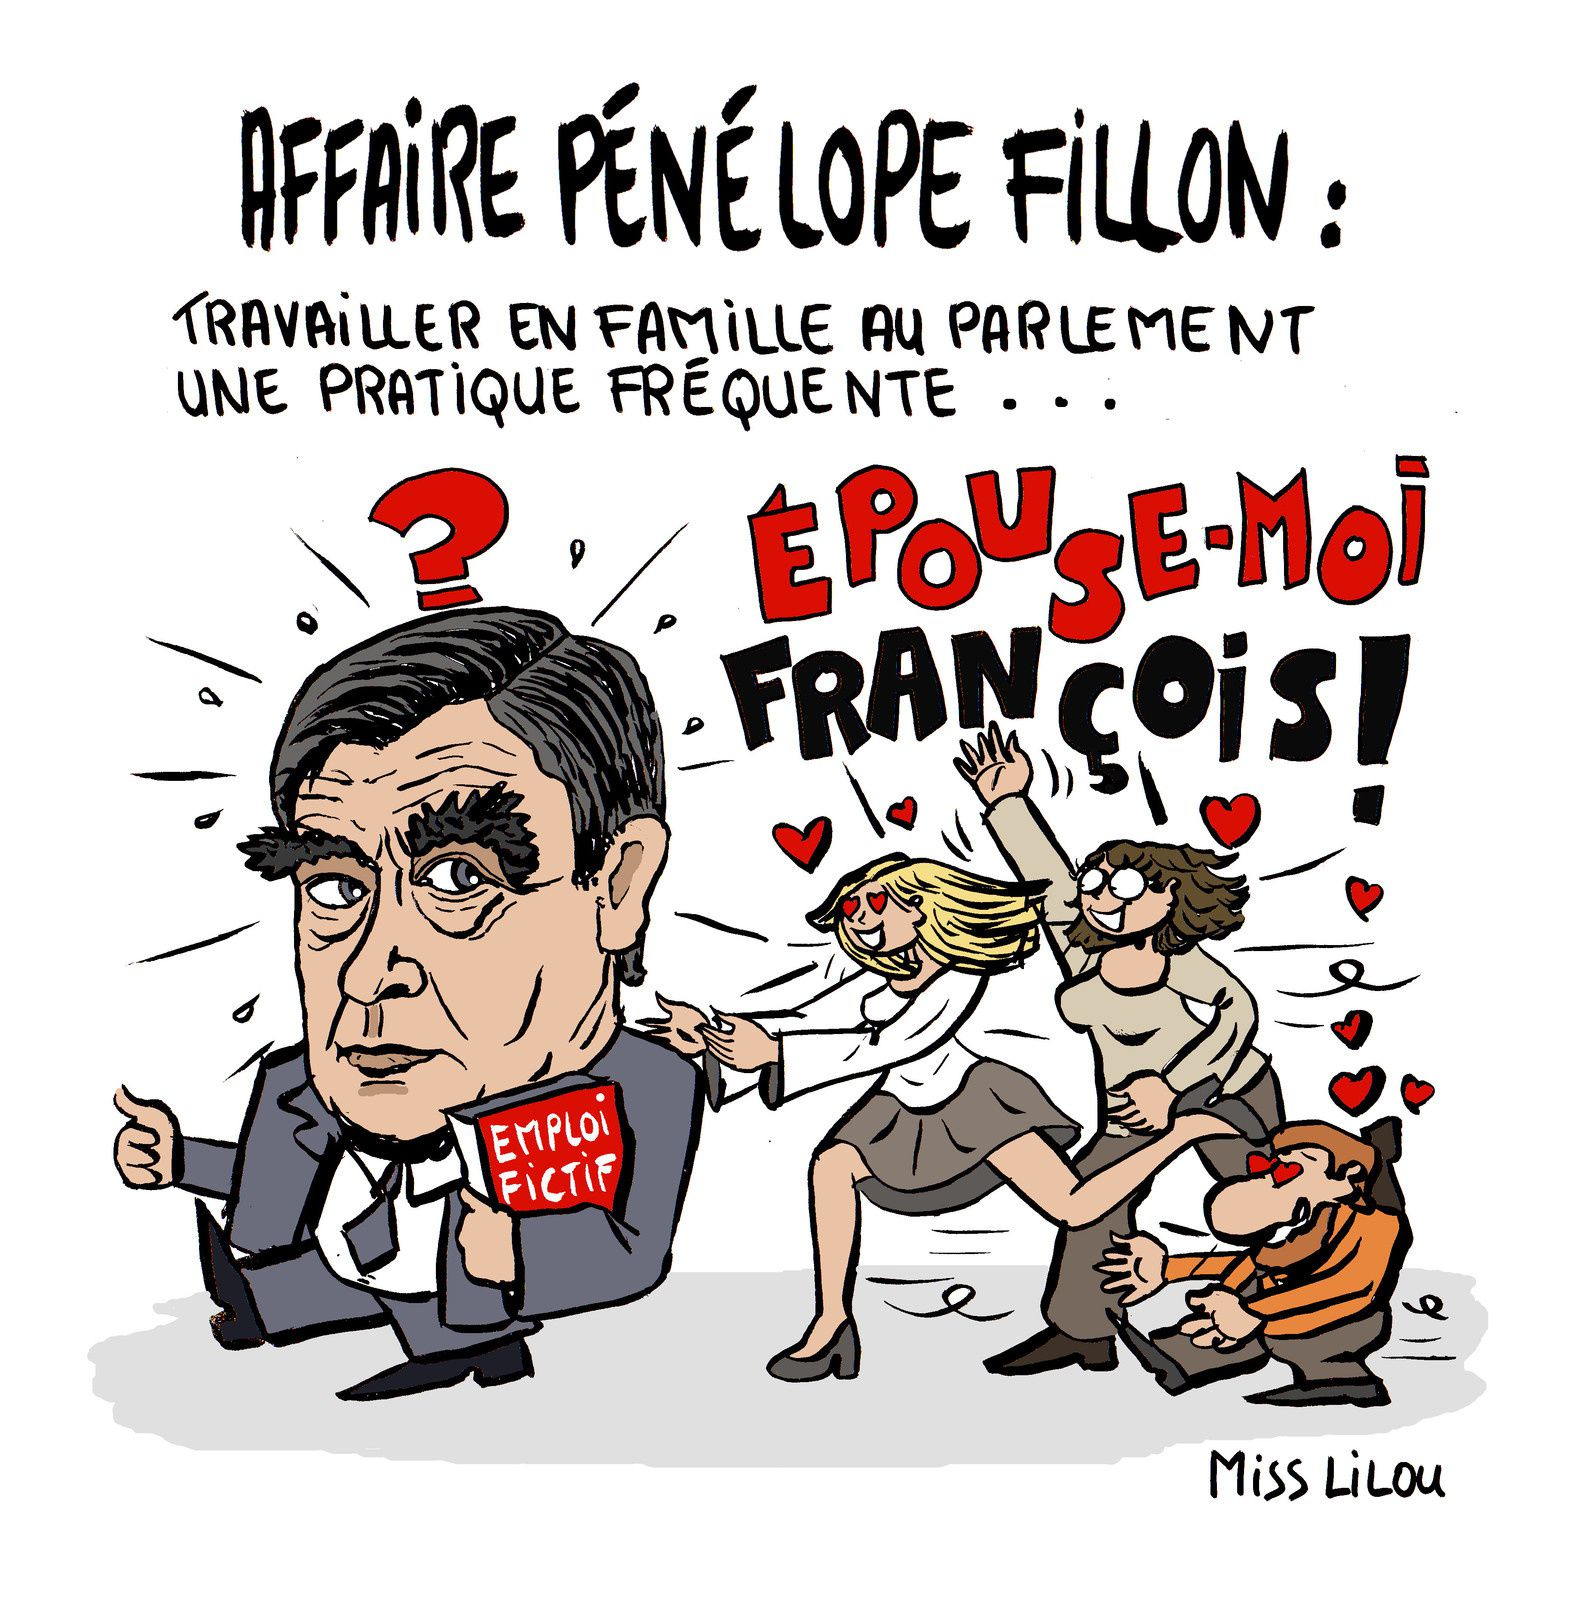 Affaire Pénélope Fillon : Travailler en famille au parlement une pratique fréquente...